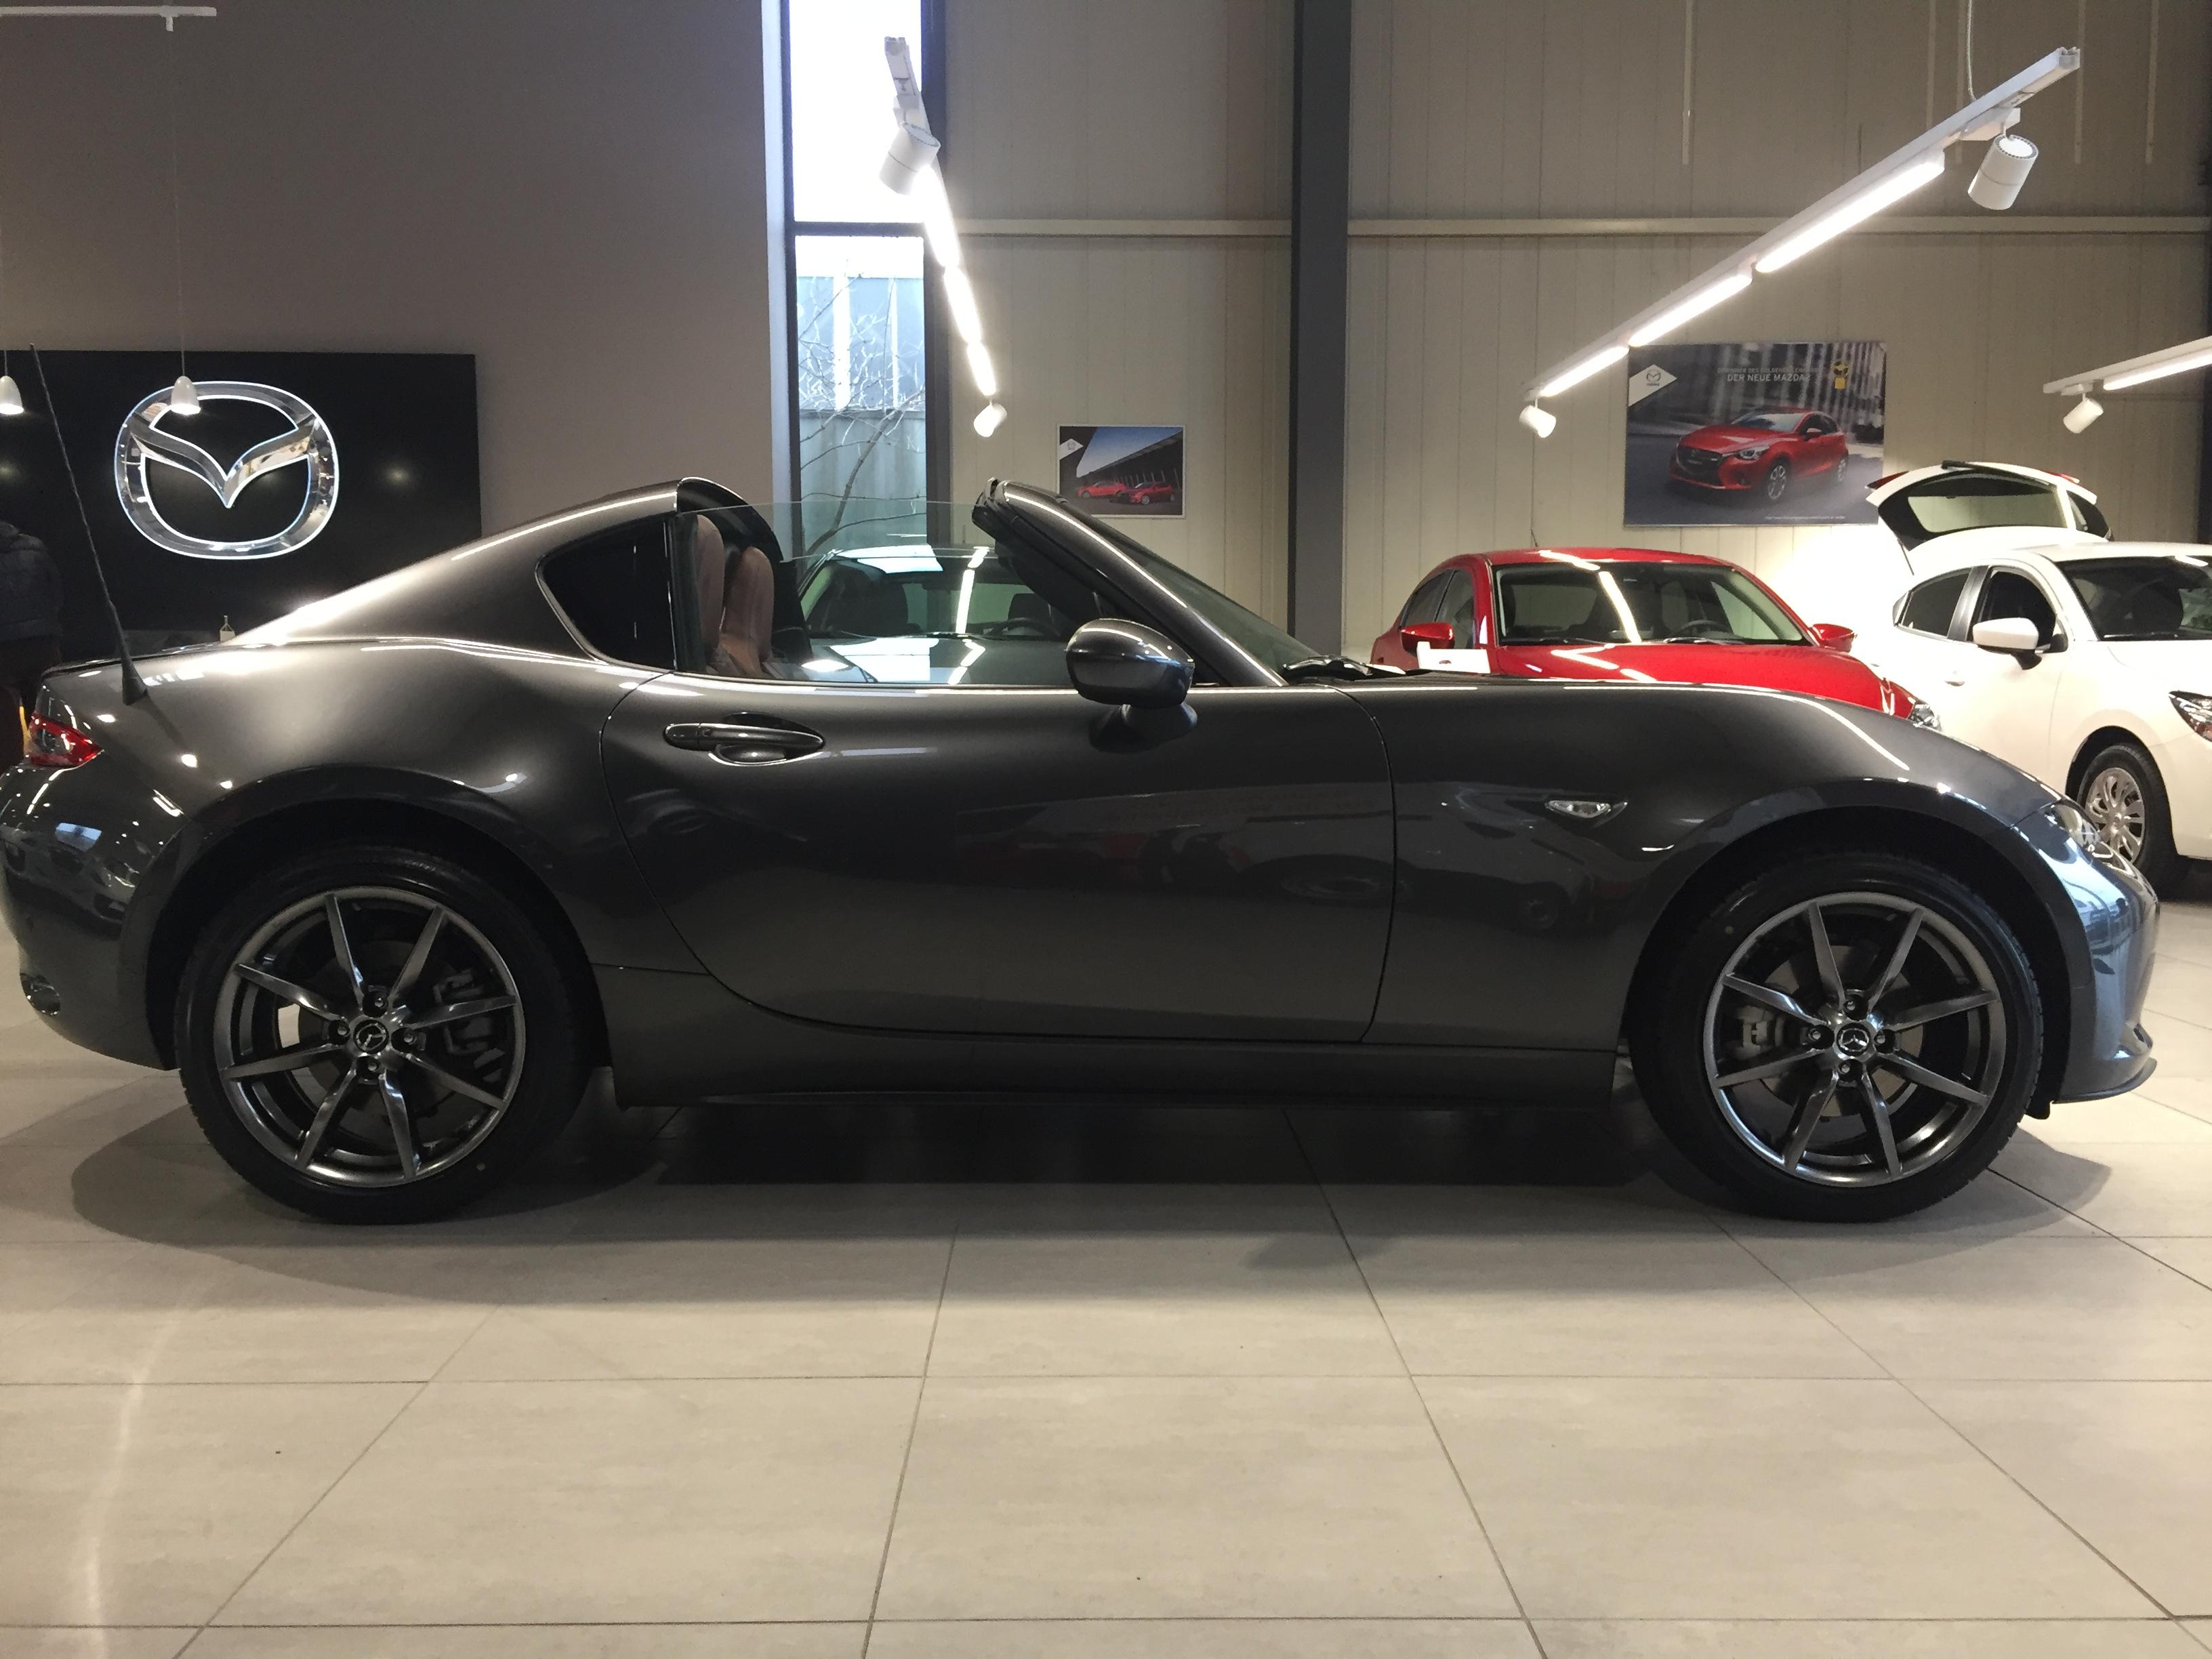 Kelebihan Mazda Mx5 Spesifikasi